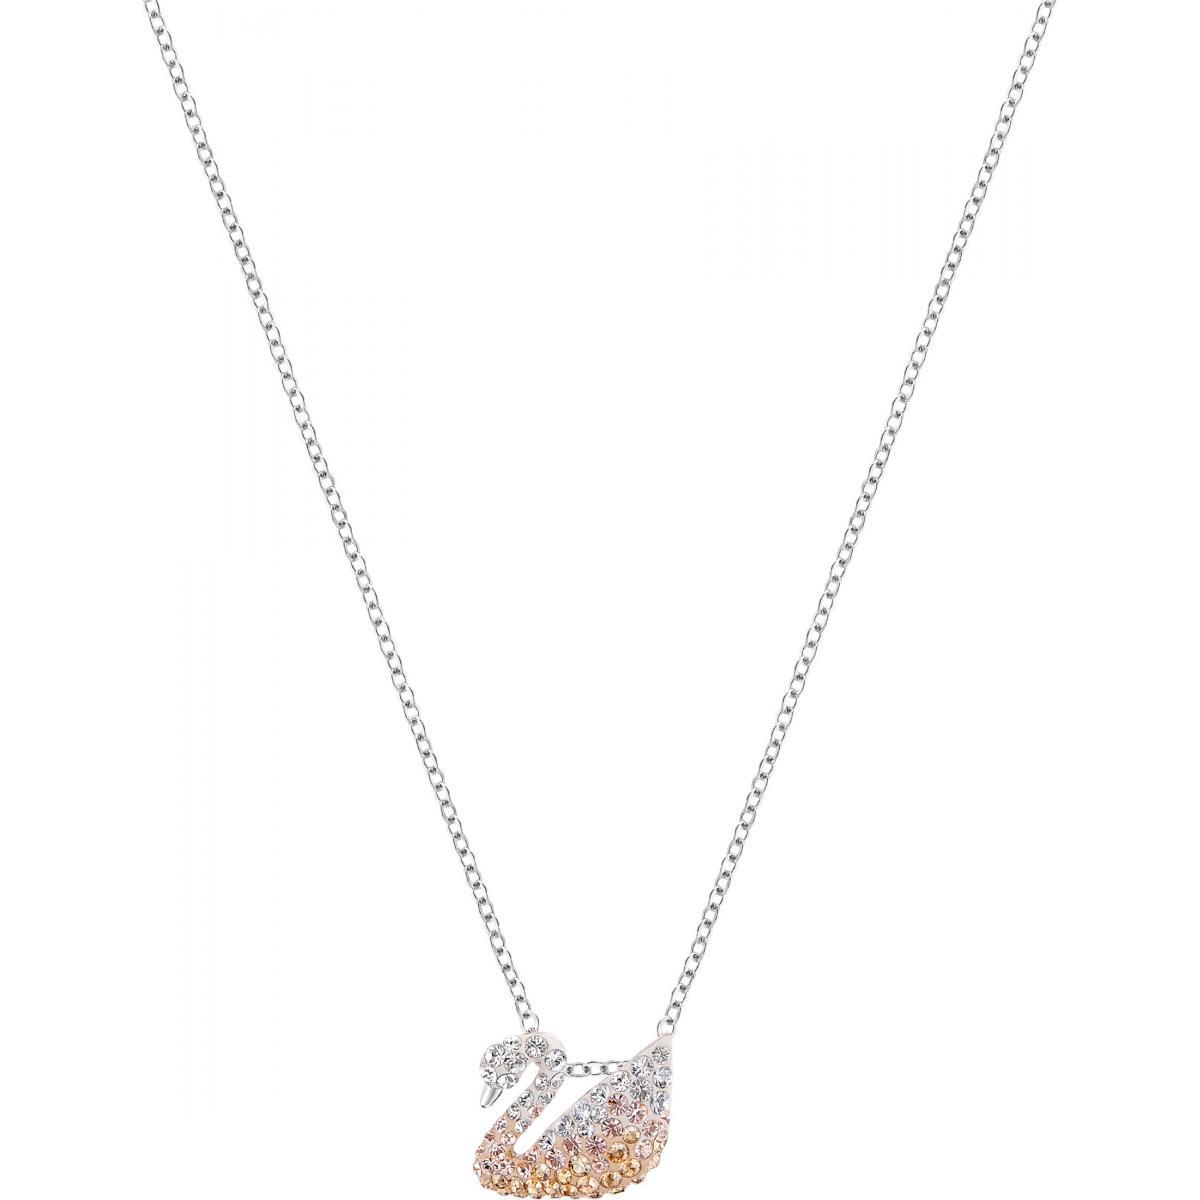 Collier Swarovski Classic Jewelry 5215038 - Collier Pendant Cygne Femme